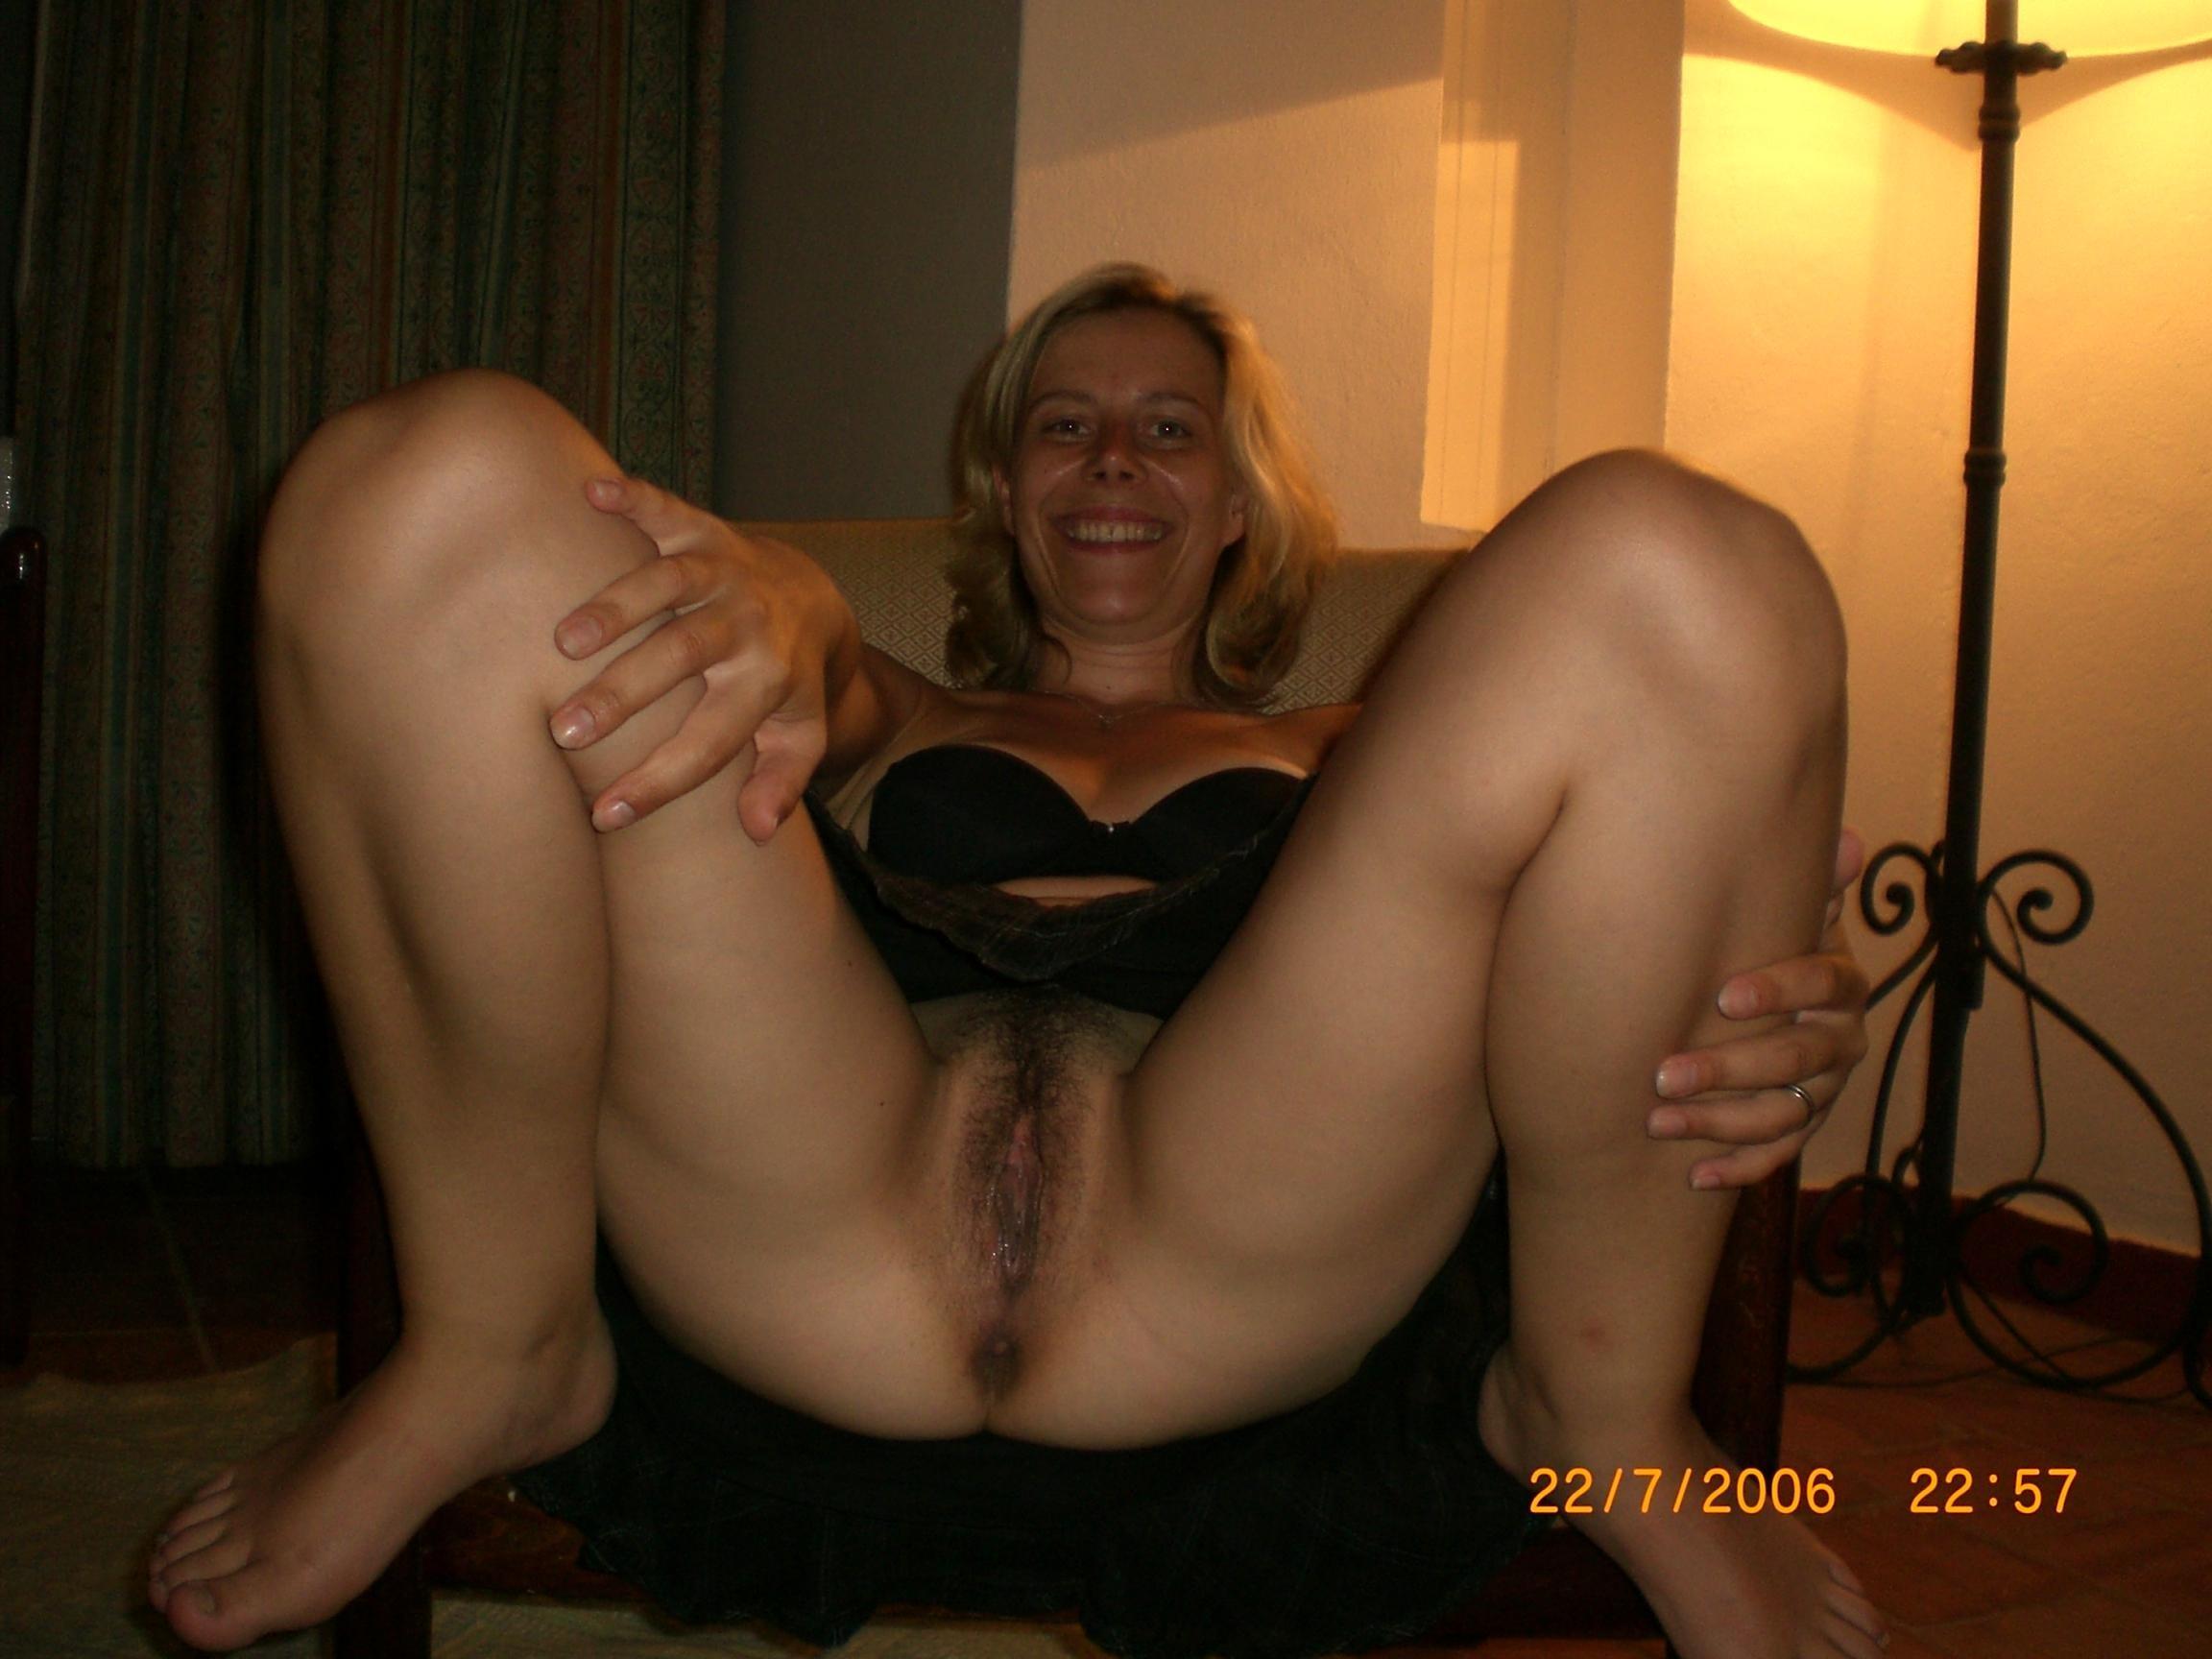 www.koel mallik sex.com